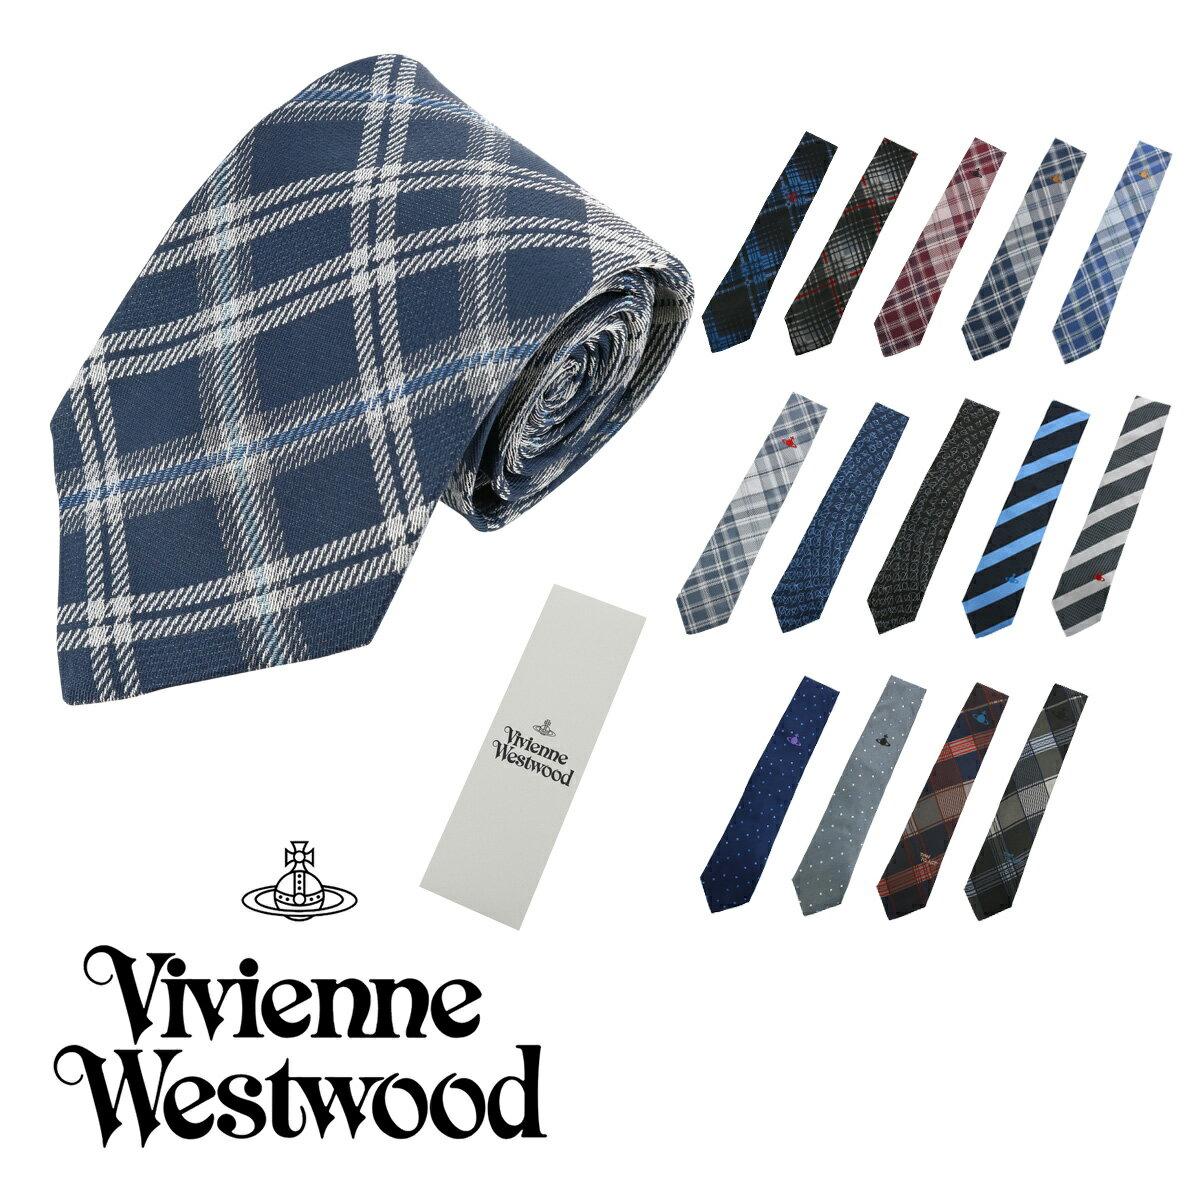 【 ヴィヴィアンウエストウッド Vivienne Westwood 】 ネクタイ ブランド メンズ